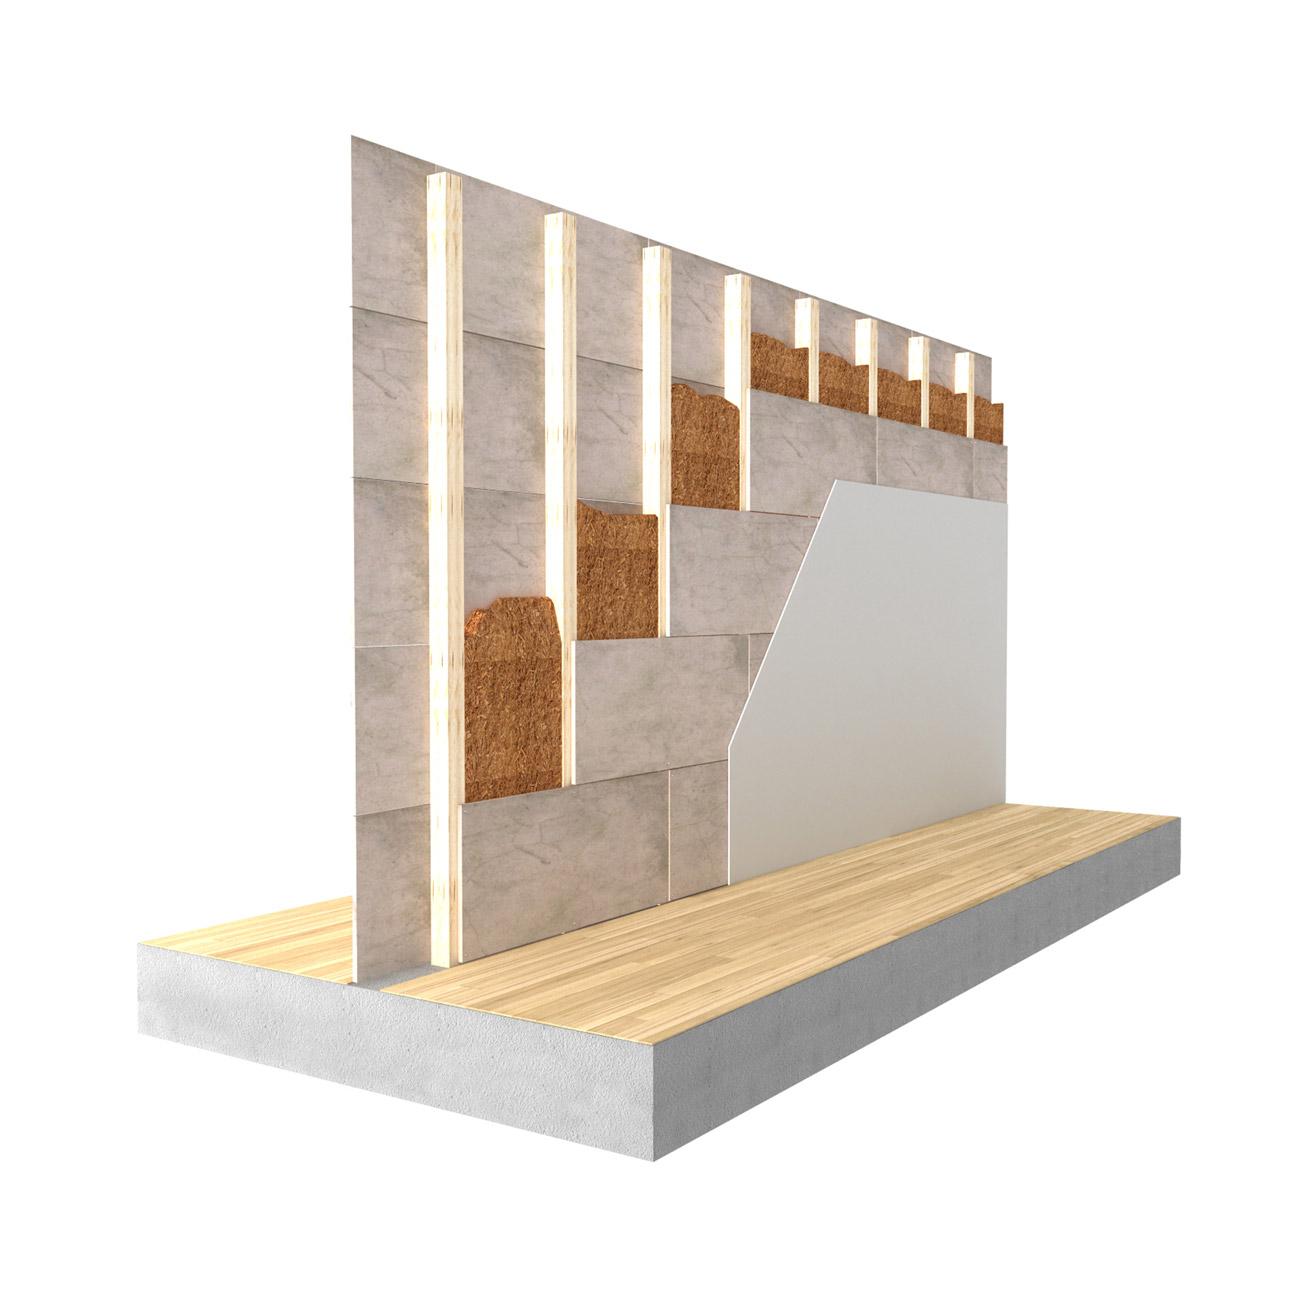 Pannelli Fibra Di Legno fibra di legno per cappotto termico interno